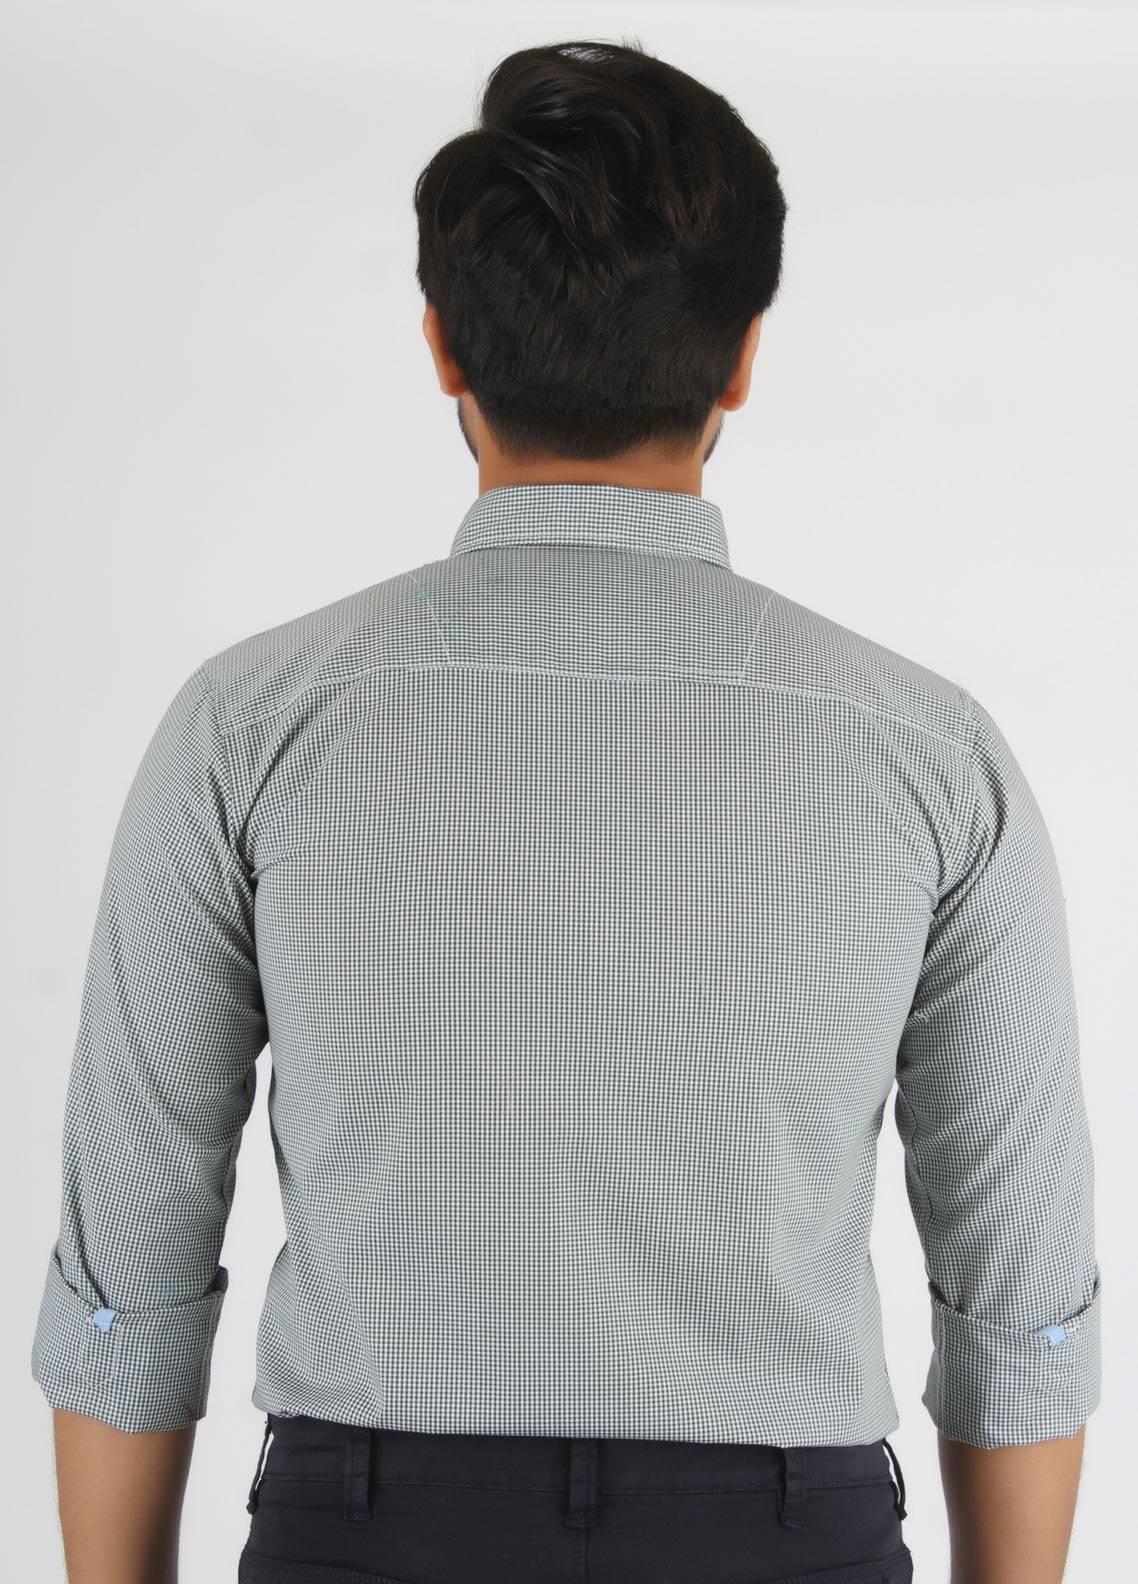 Bien Habille Cotton Casual Shirts for Men - Blue Design 1